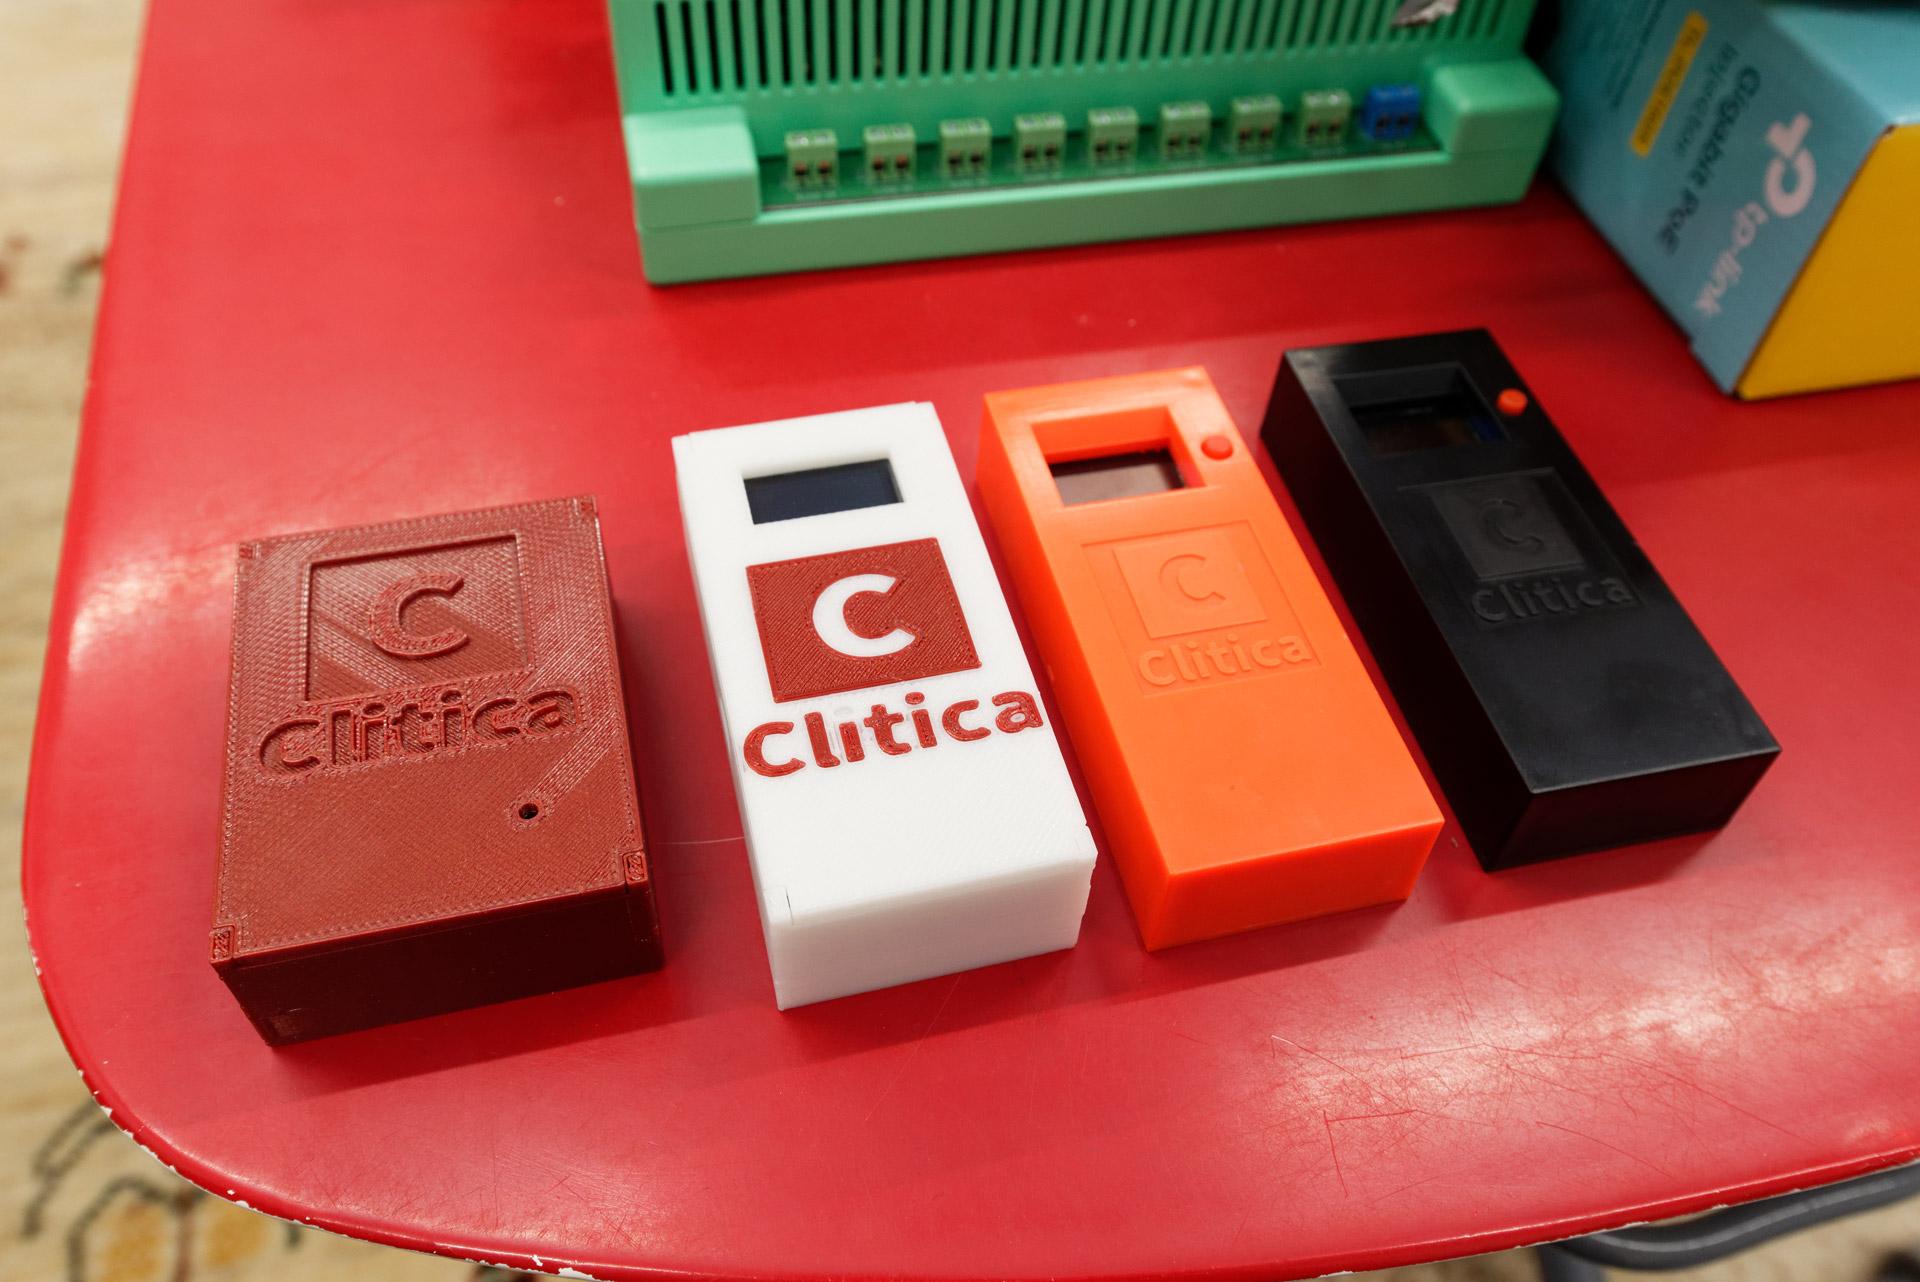 診療所の電子カルテ管理に使用している自作RFIDリーダー。左2つが初期のもの。徐々にバージョンアップして右のようになった